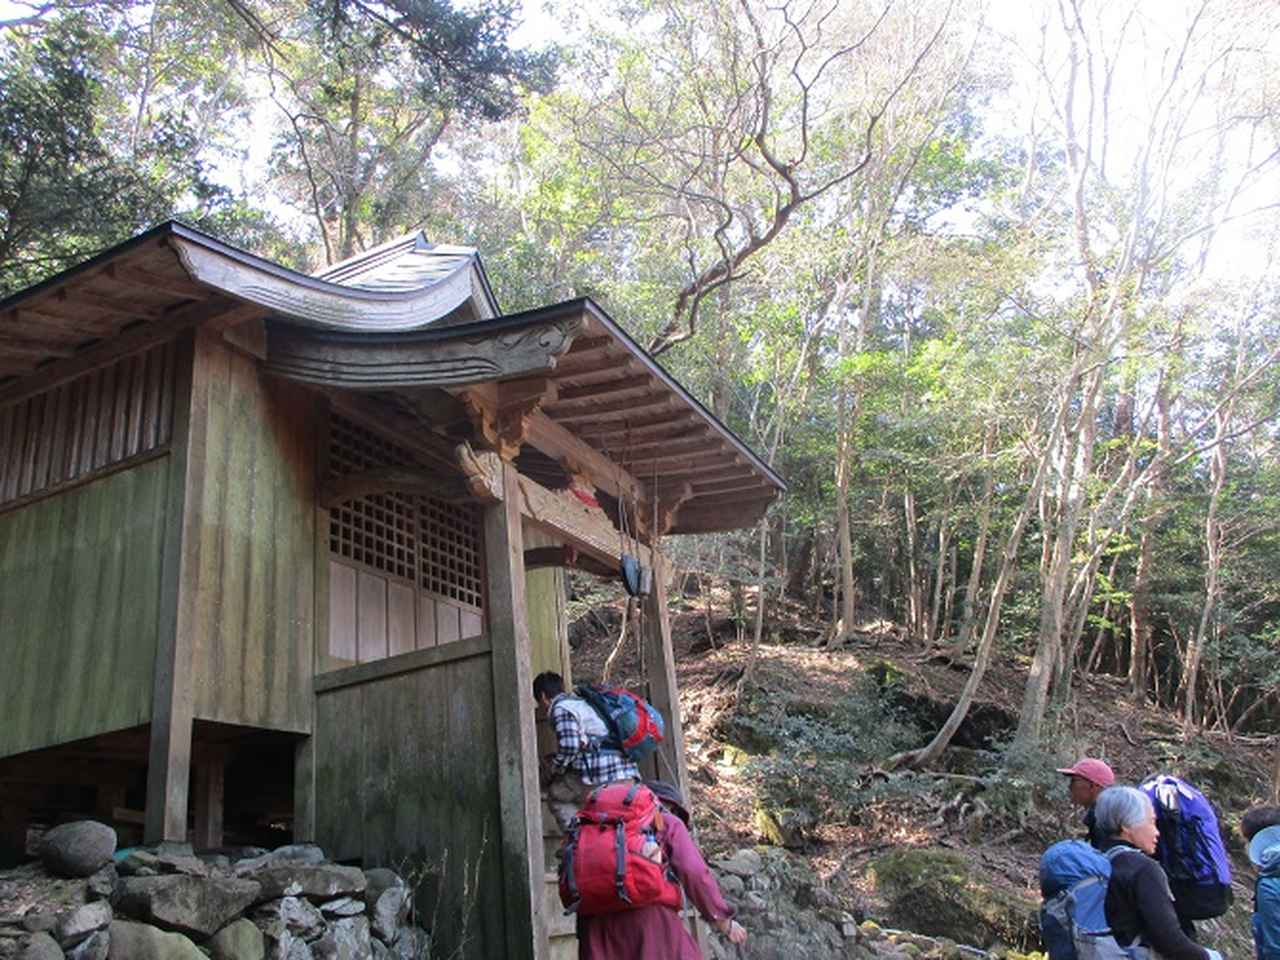 画像4: 【山旅会・登山ガイドこだわりツアー】添乗員からの便り・対馬の御岳へいってきました!